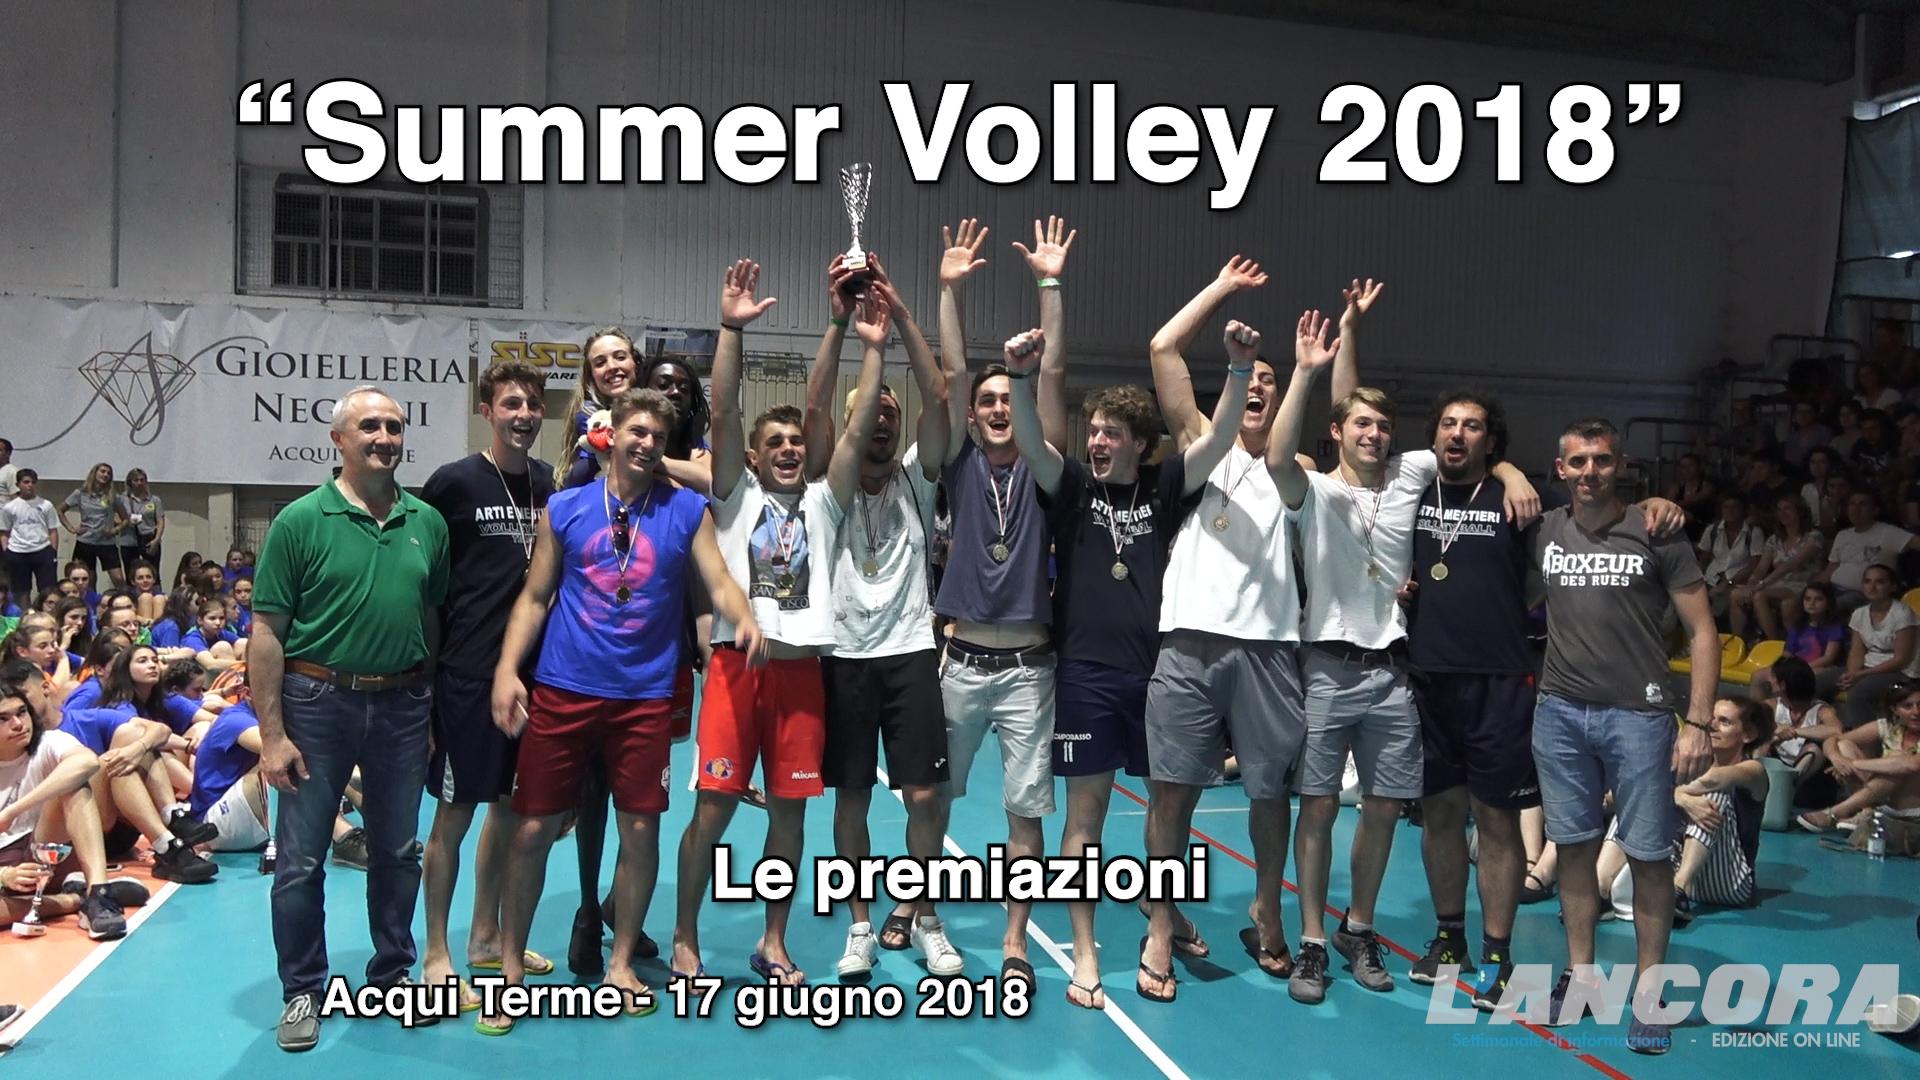 Acqui Terme - Summer Volley 2018, Le premiazioni